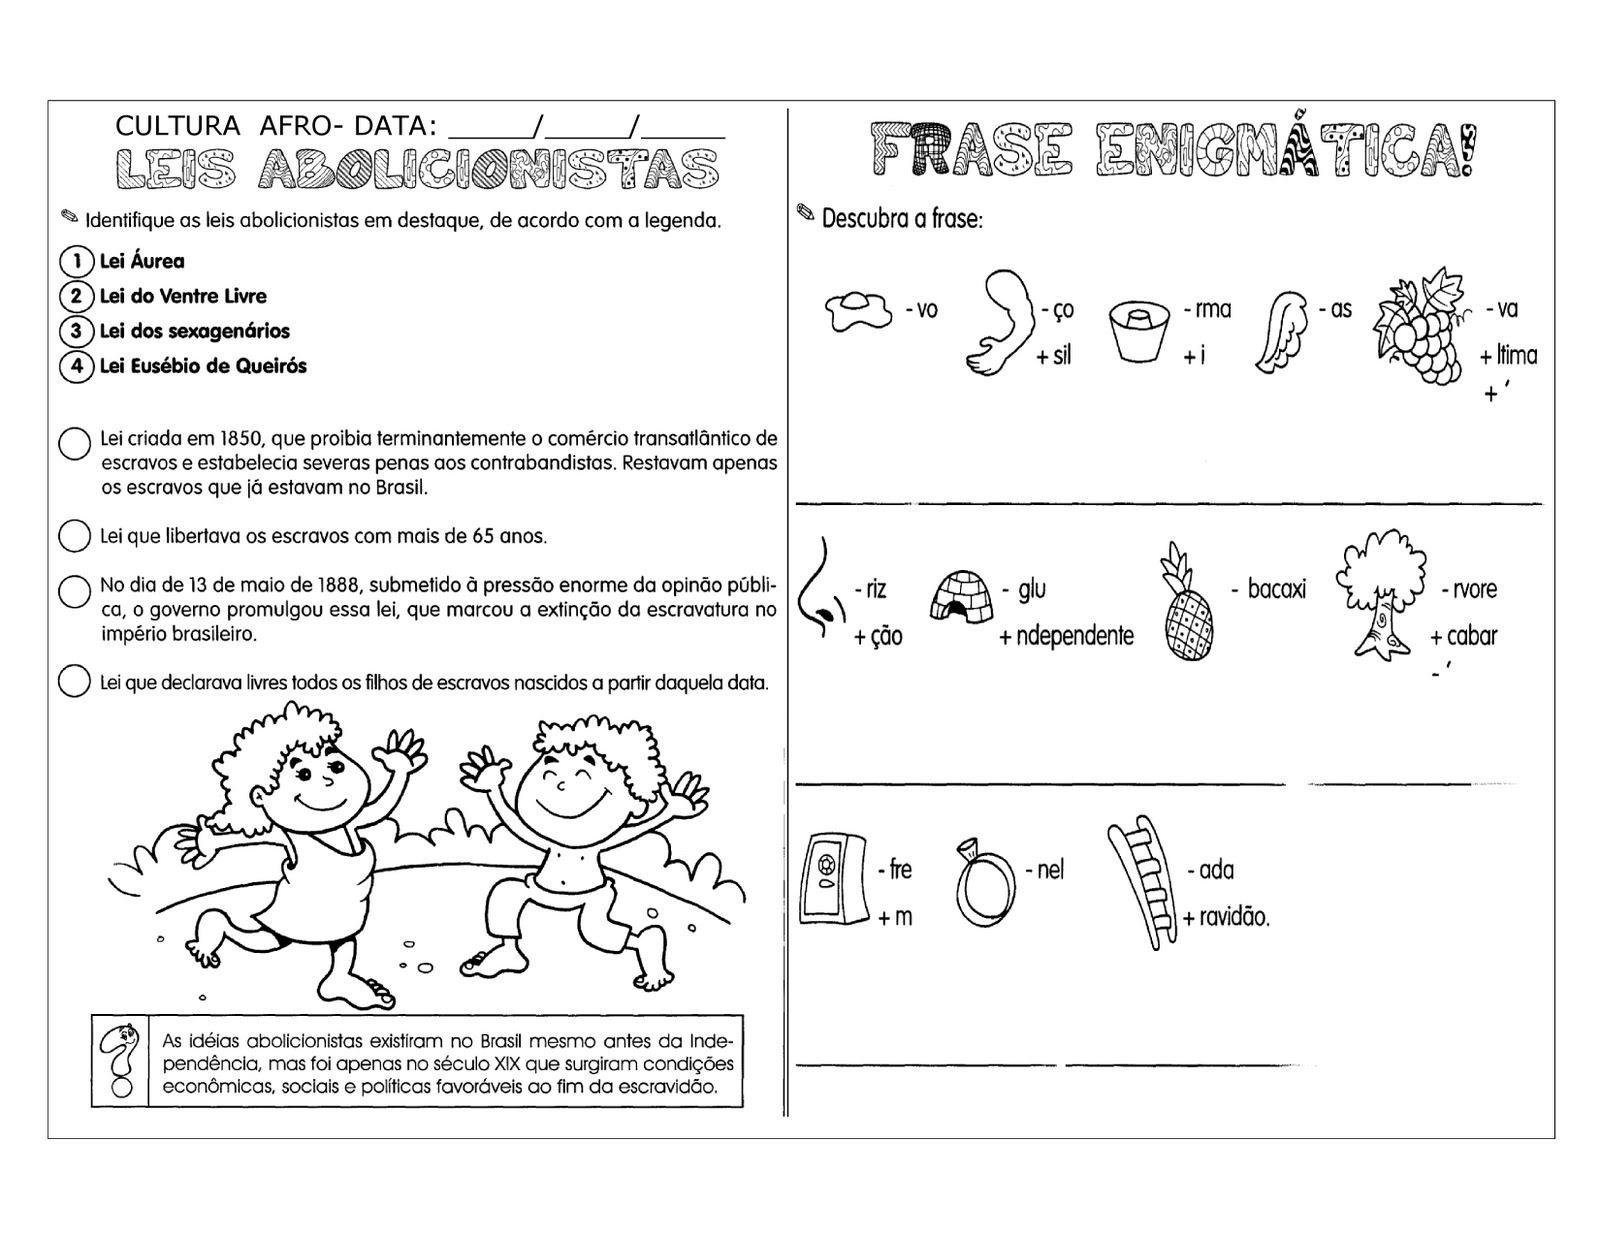 55 Atividades Abolicao Dos Escravos Exercicios Desenhos Colorir